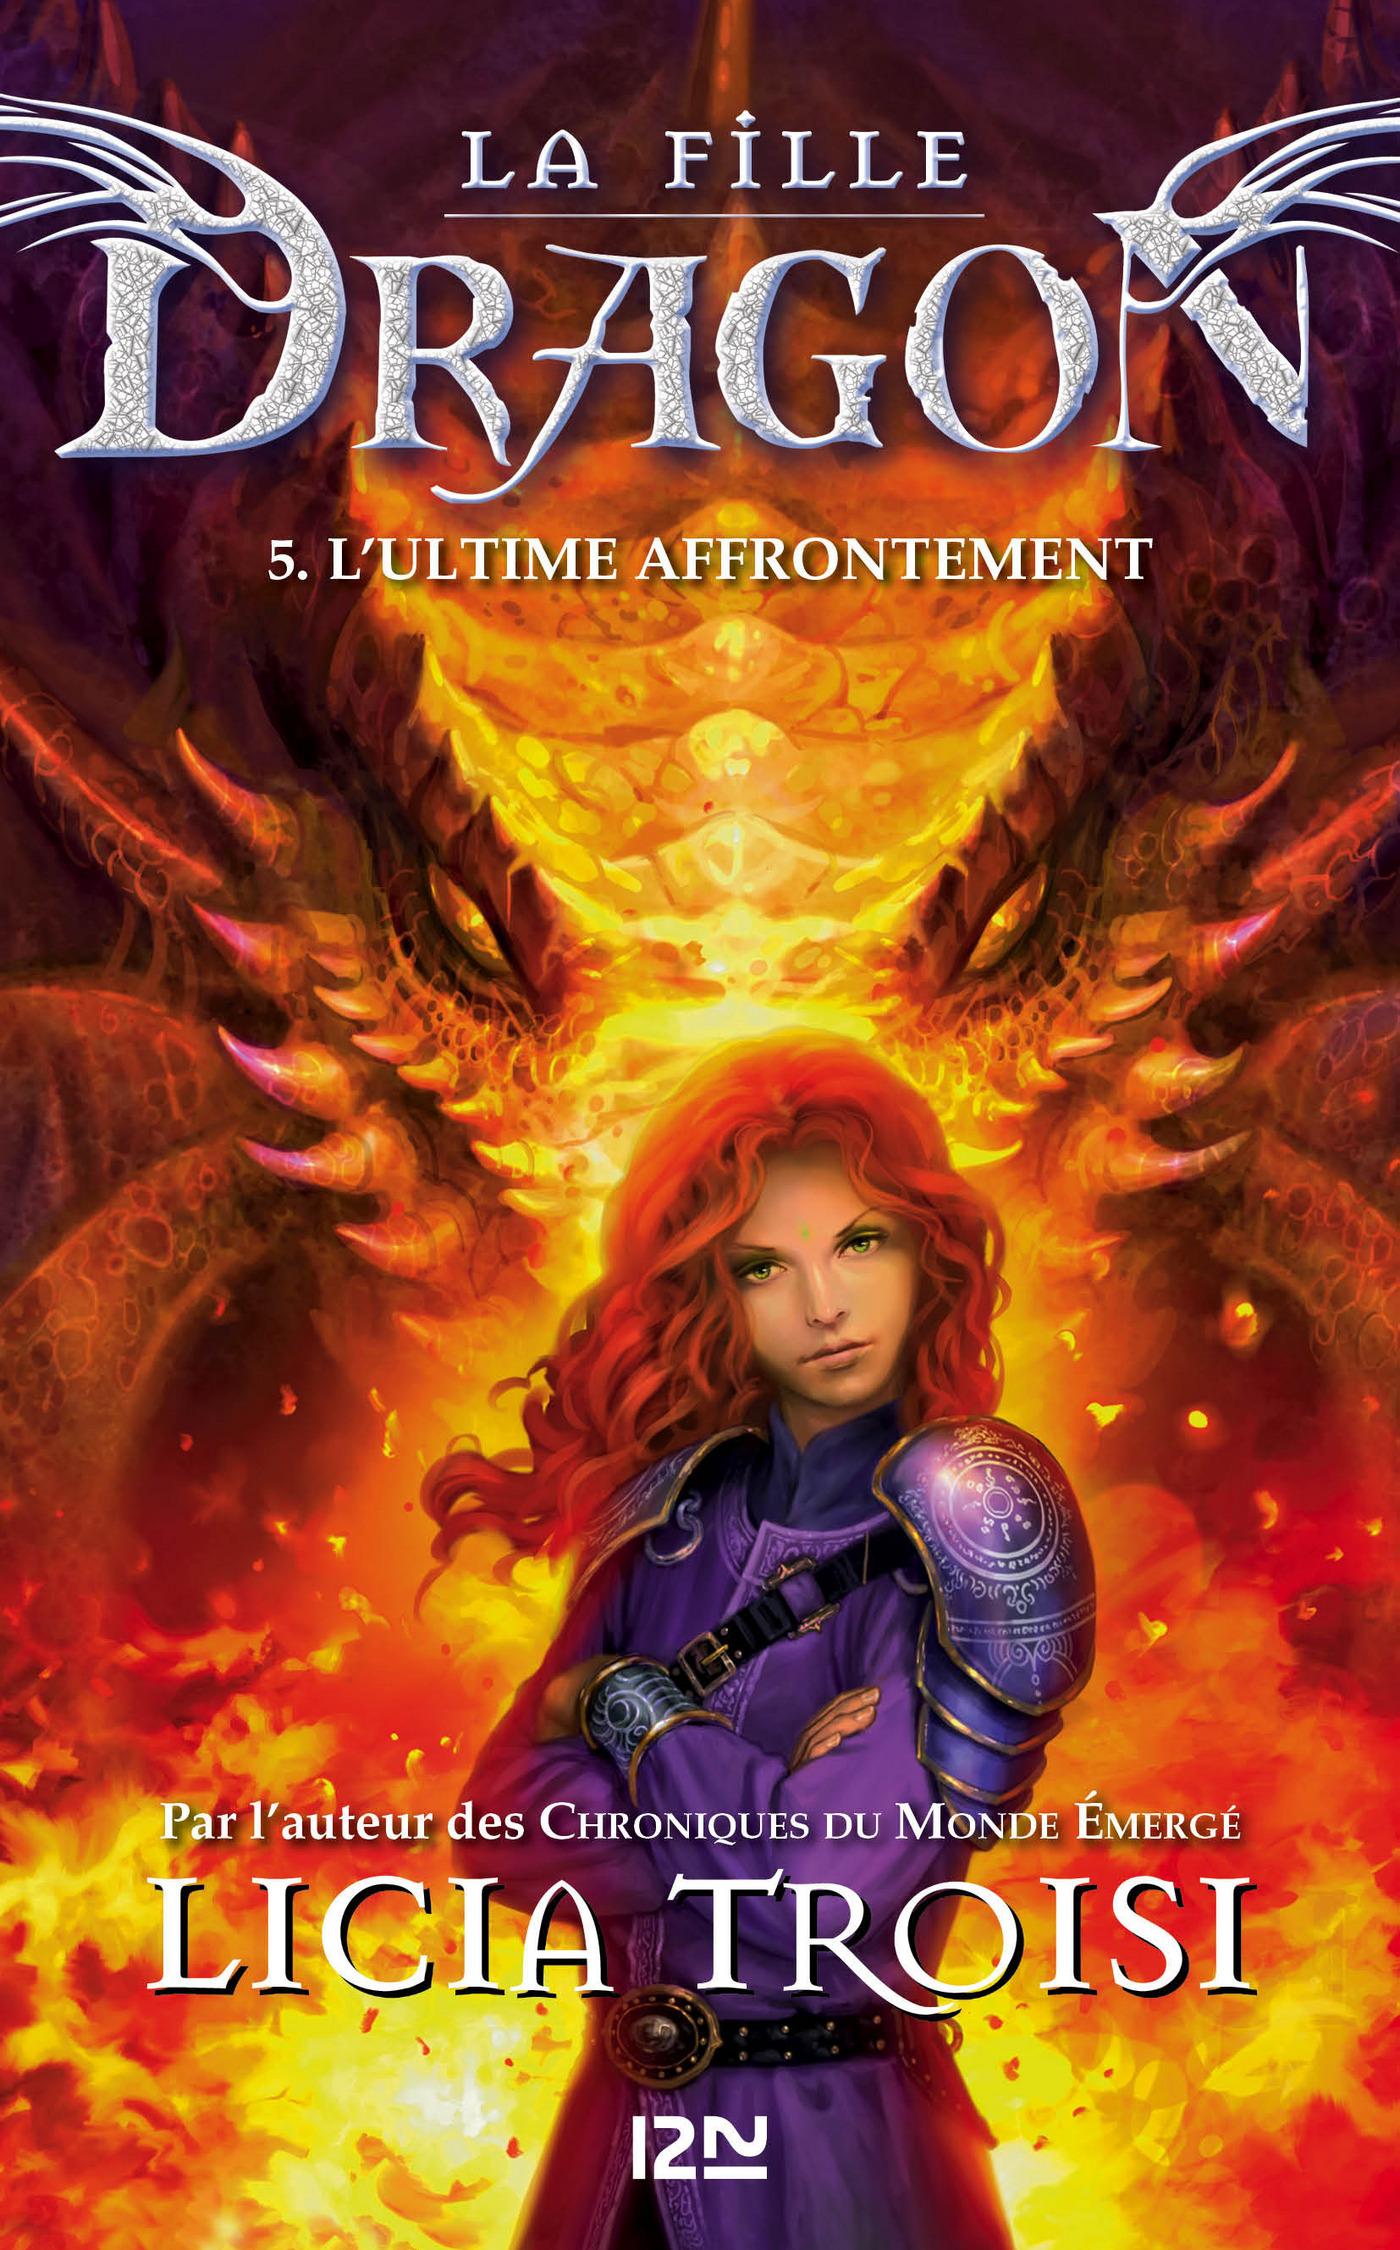 La fille Dragon tome 5